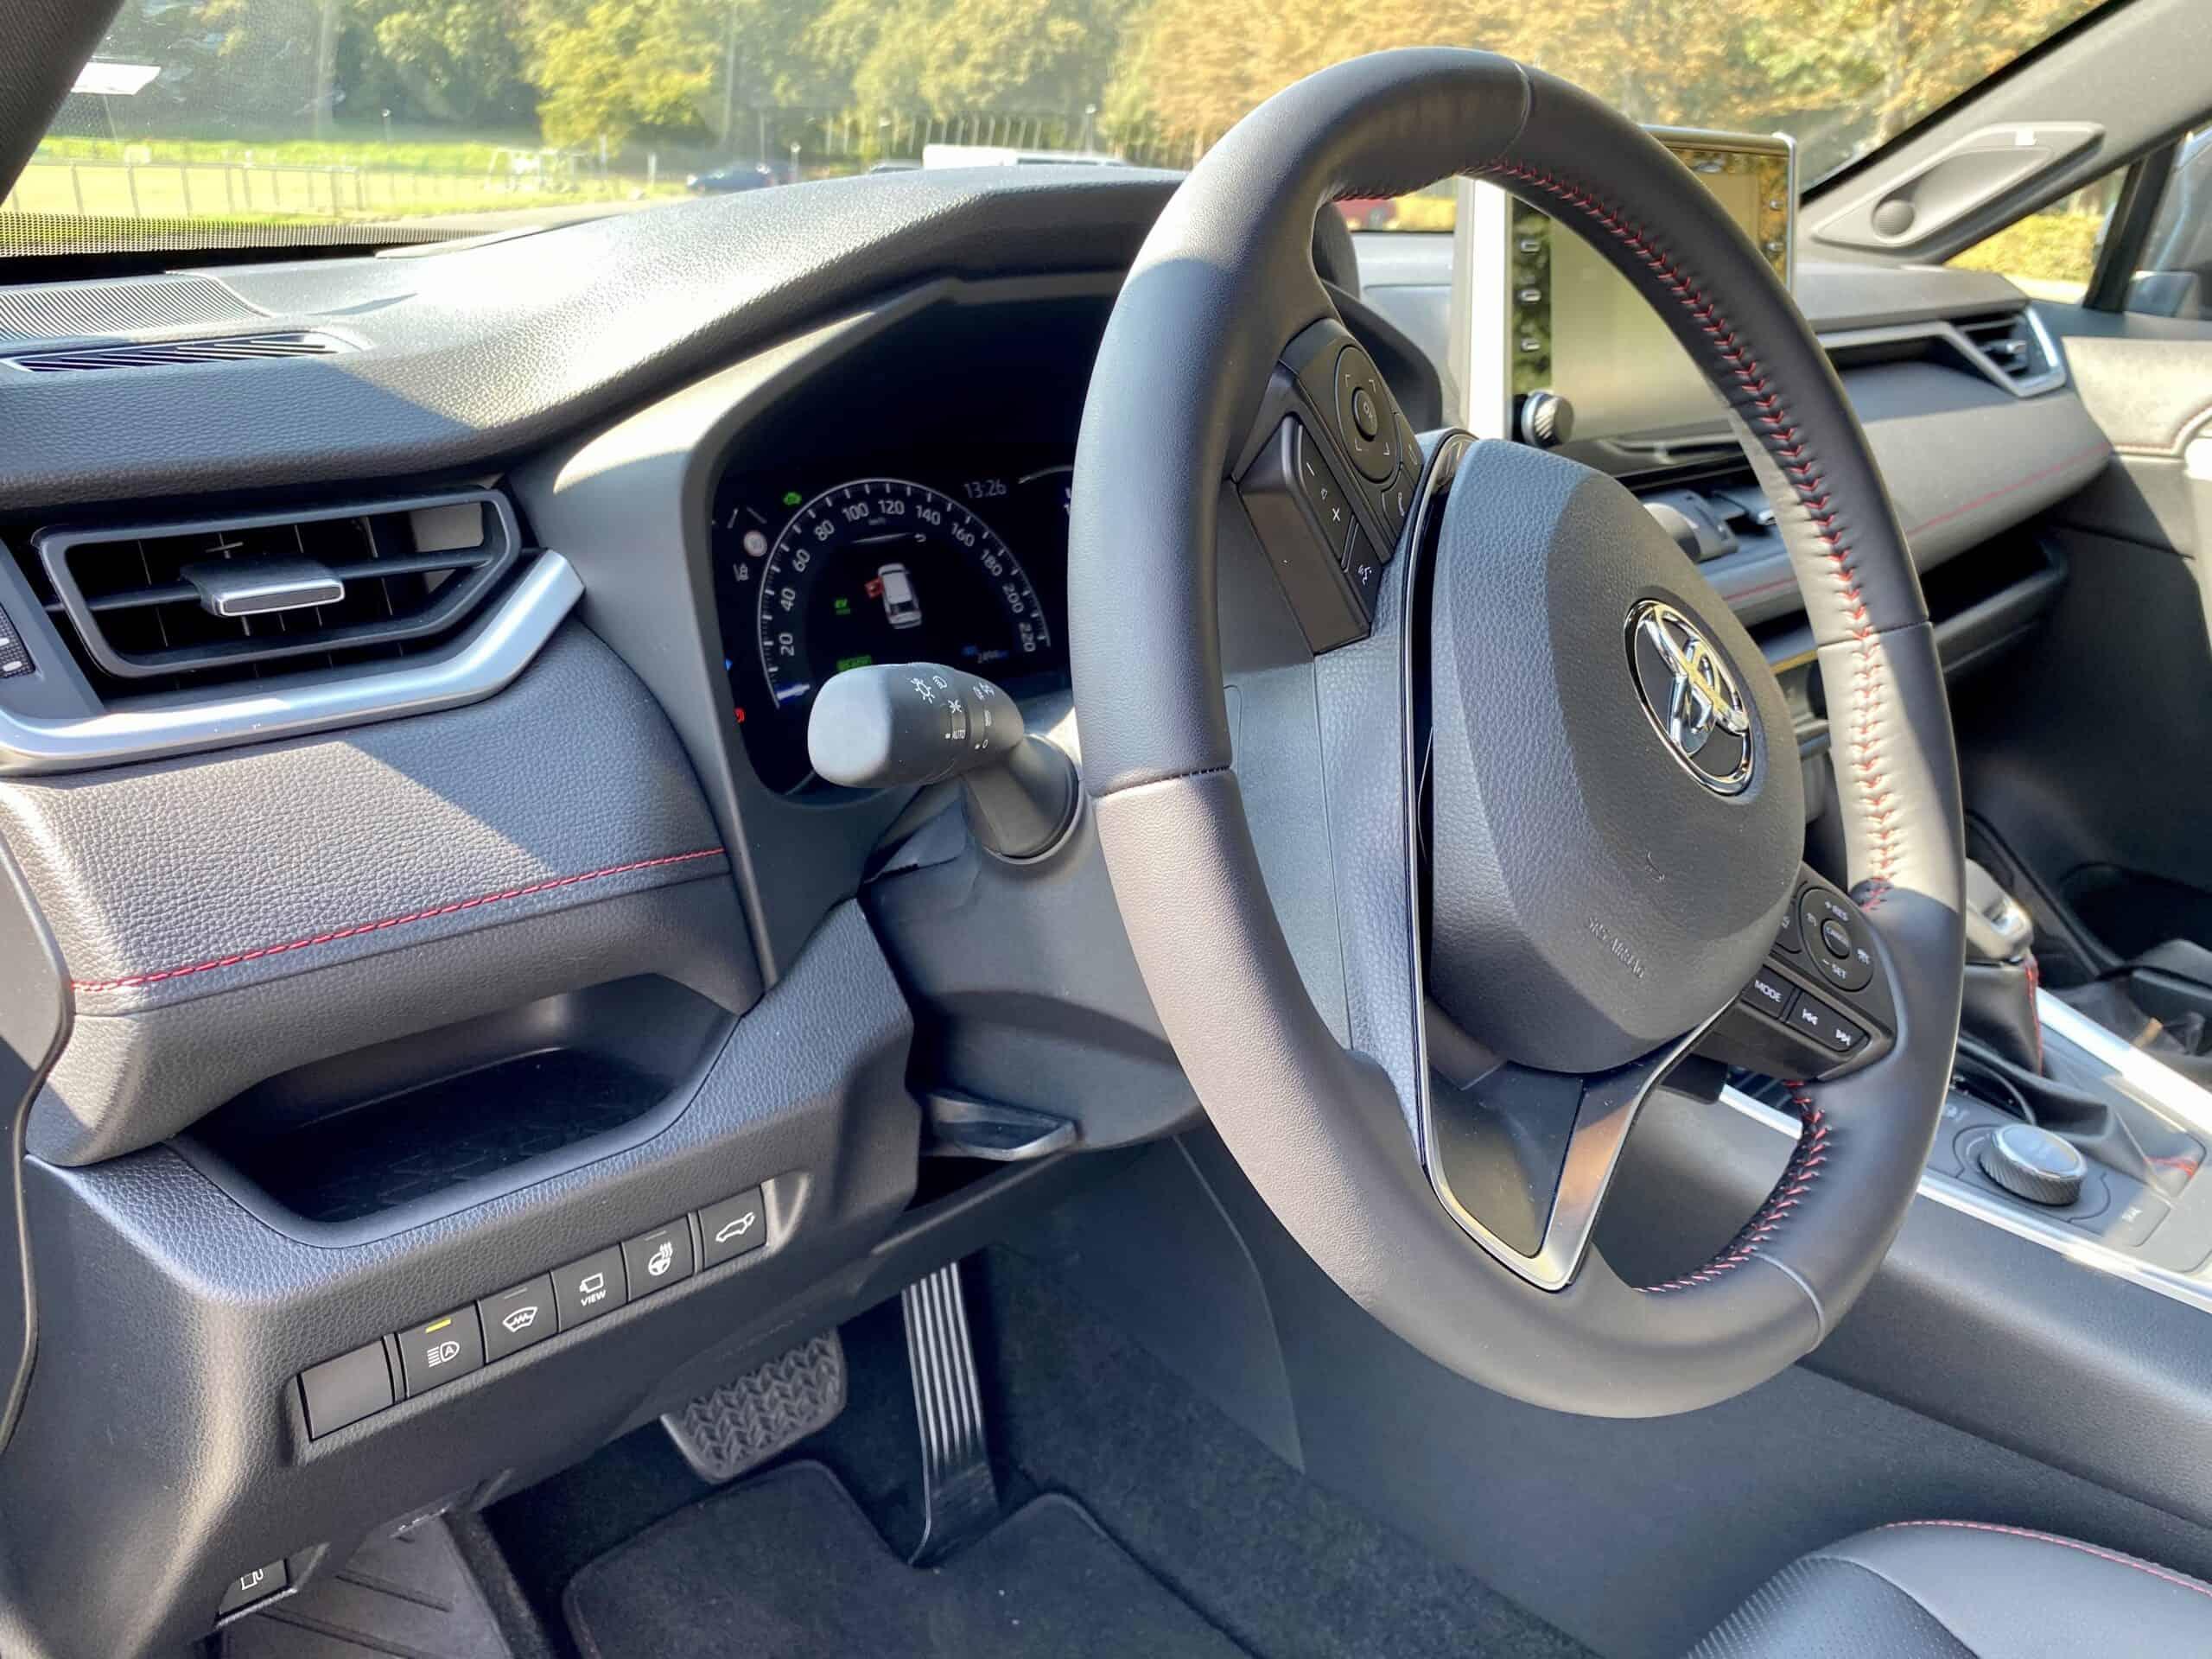 Neuer Toyota RAV4 Plug-in Hybrid - Sparsames SUV mit 306 PS - Geht das?